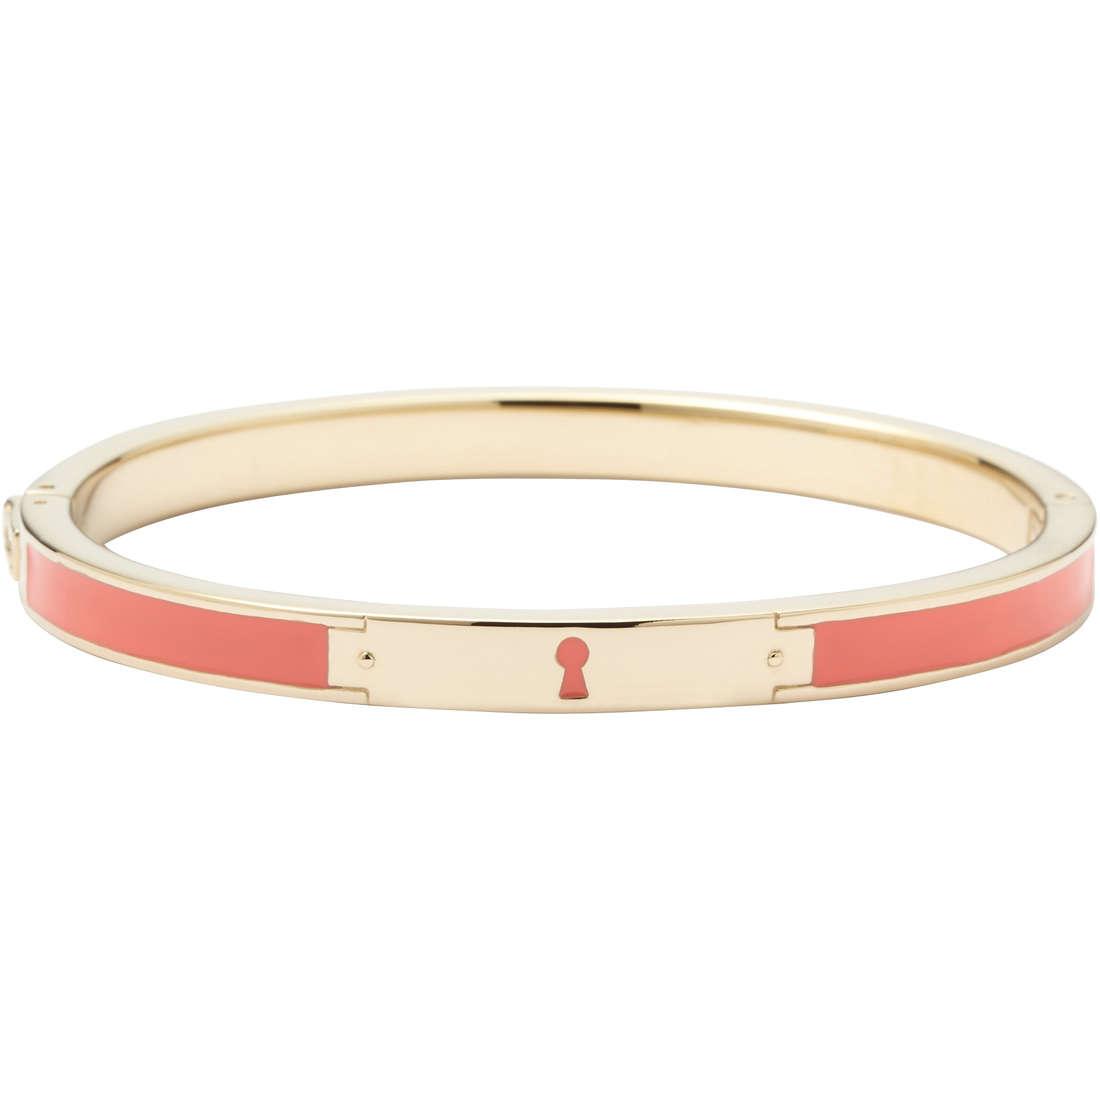 bracelet woman jewellery Fossil JF00385710